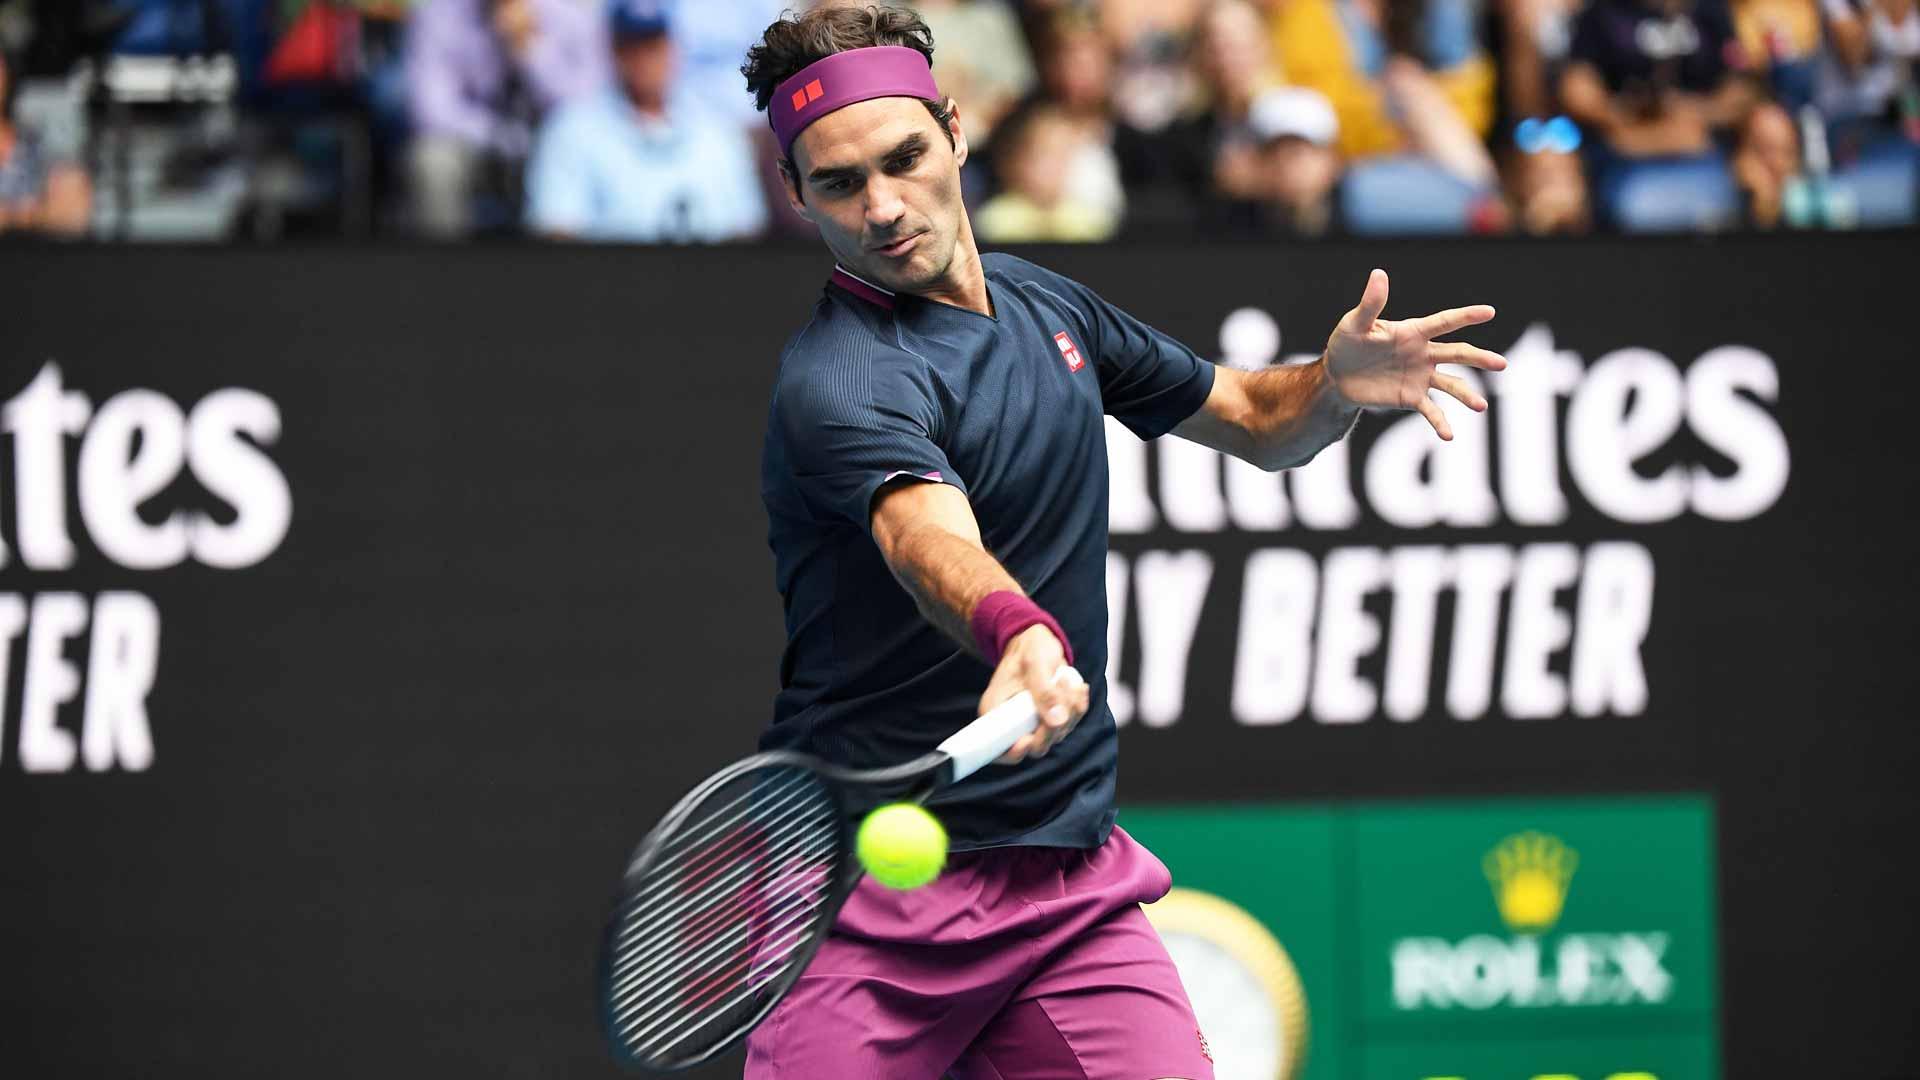 Sem dificuldades, Roger Federer bate Steve Johnson e avança no Australian Open